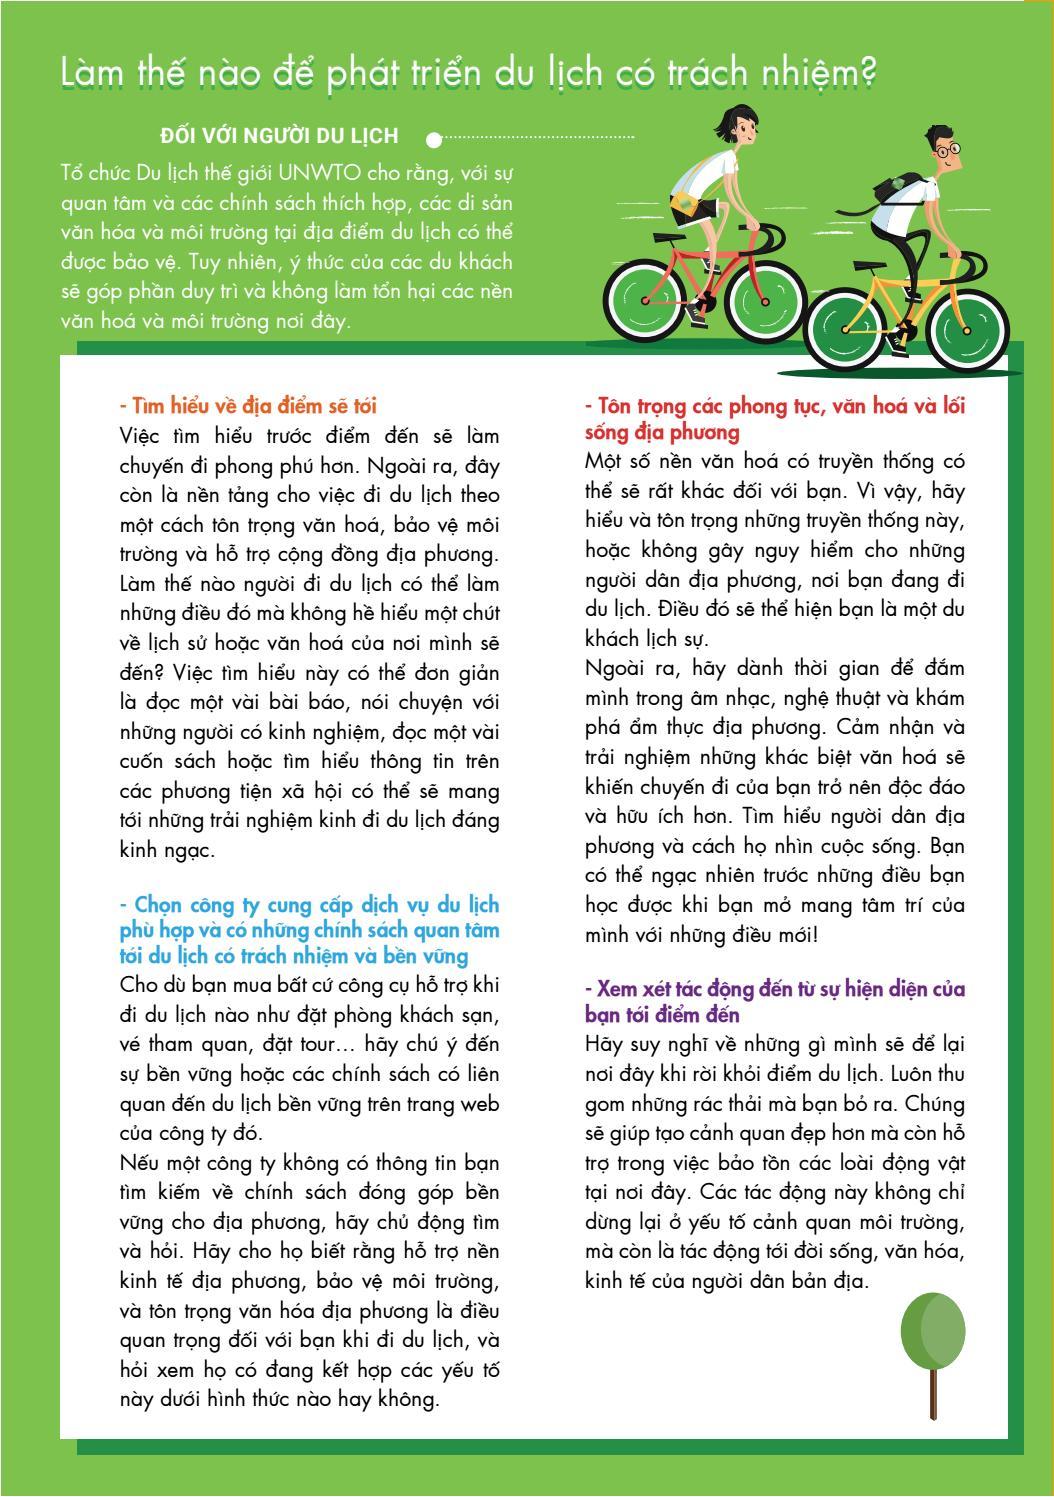 [Tài liệu LSST] Du lịch có trách nhiệm page 25